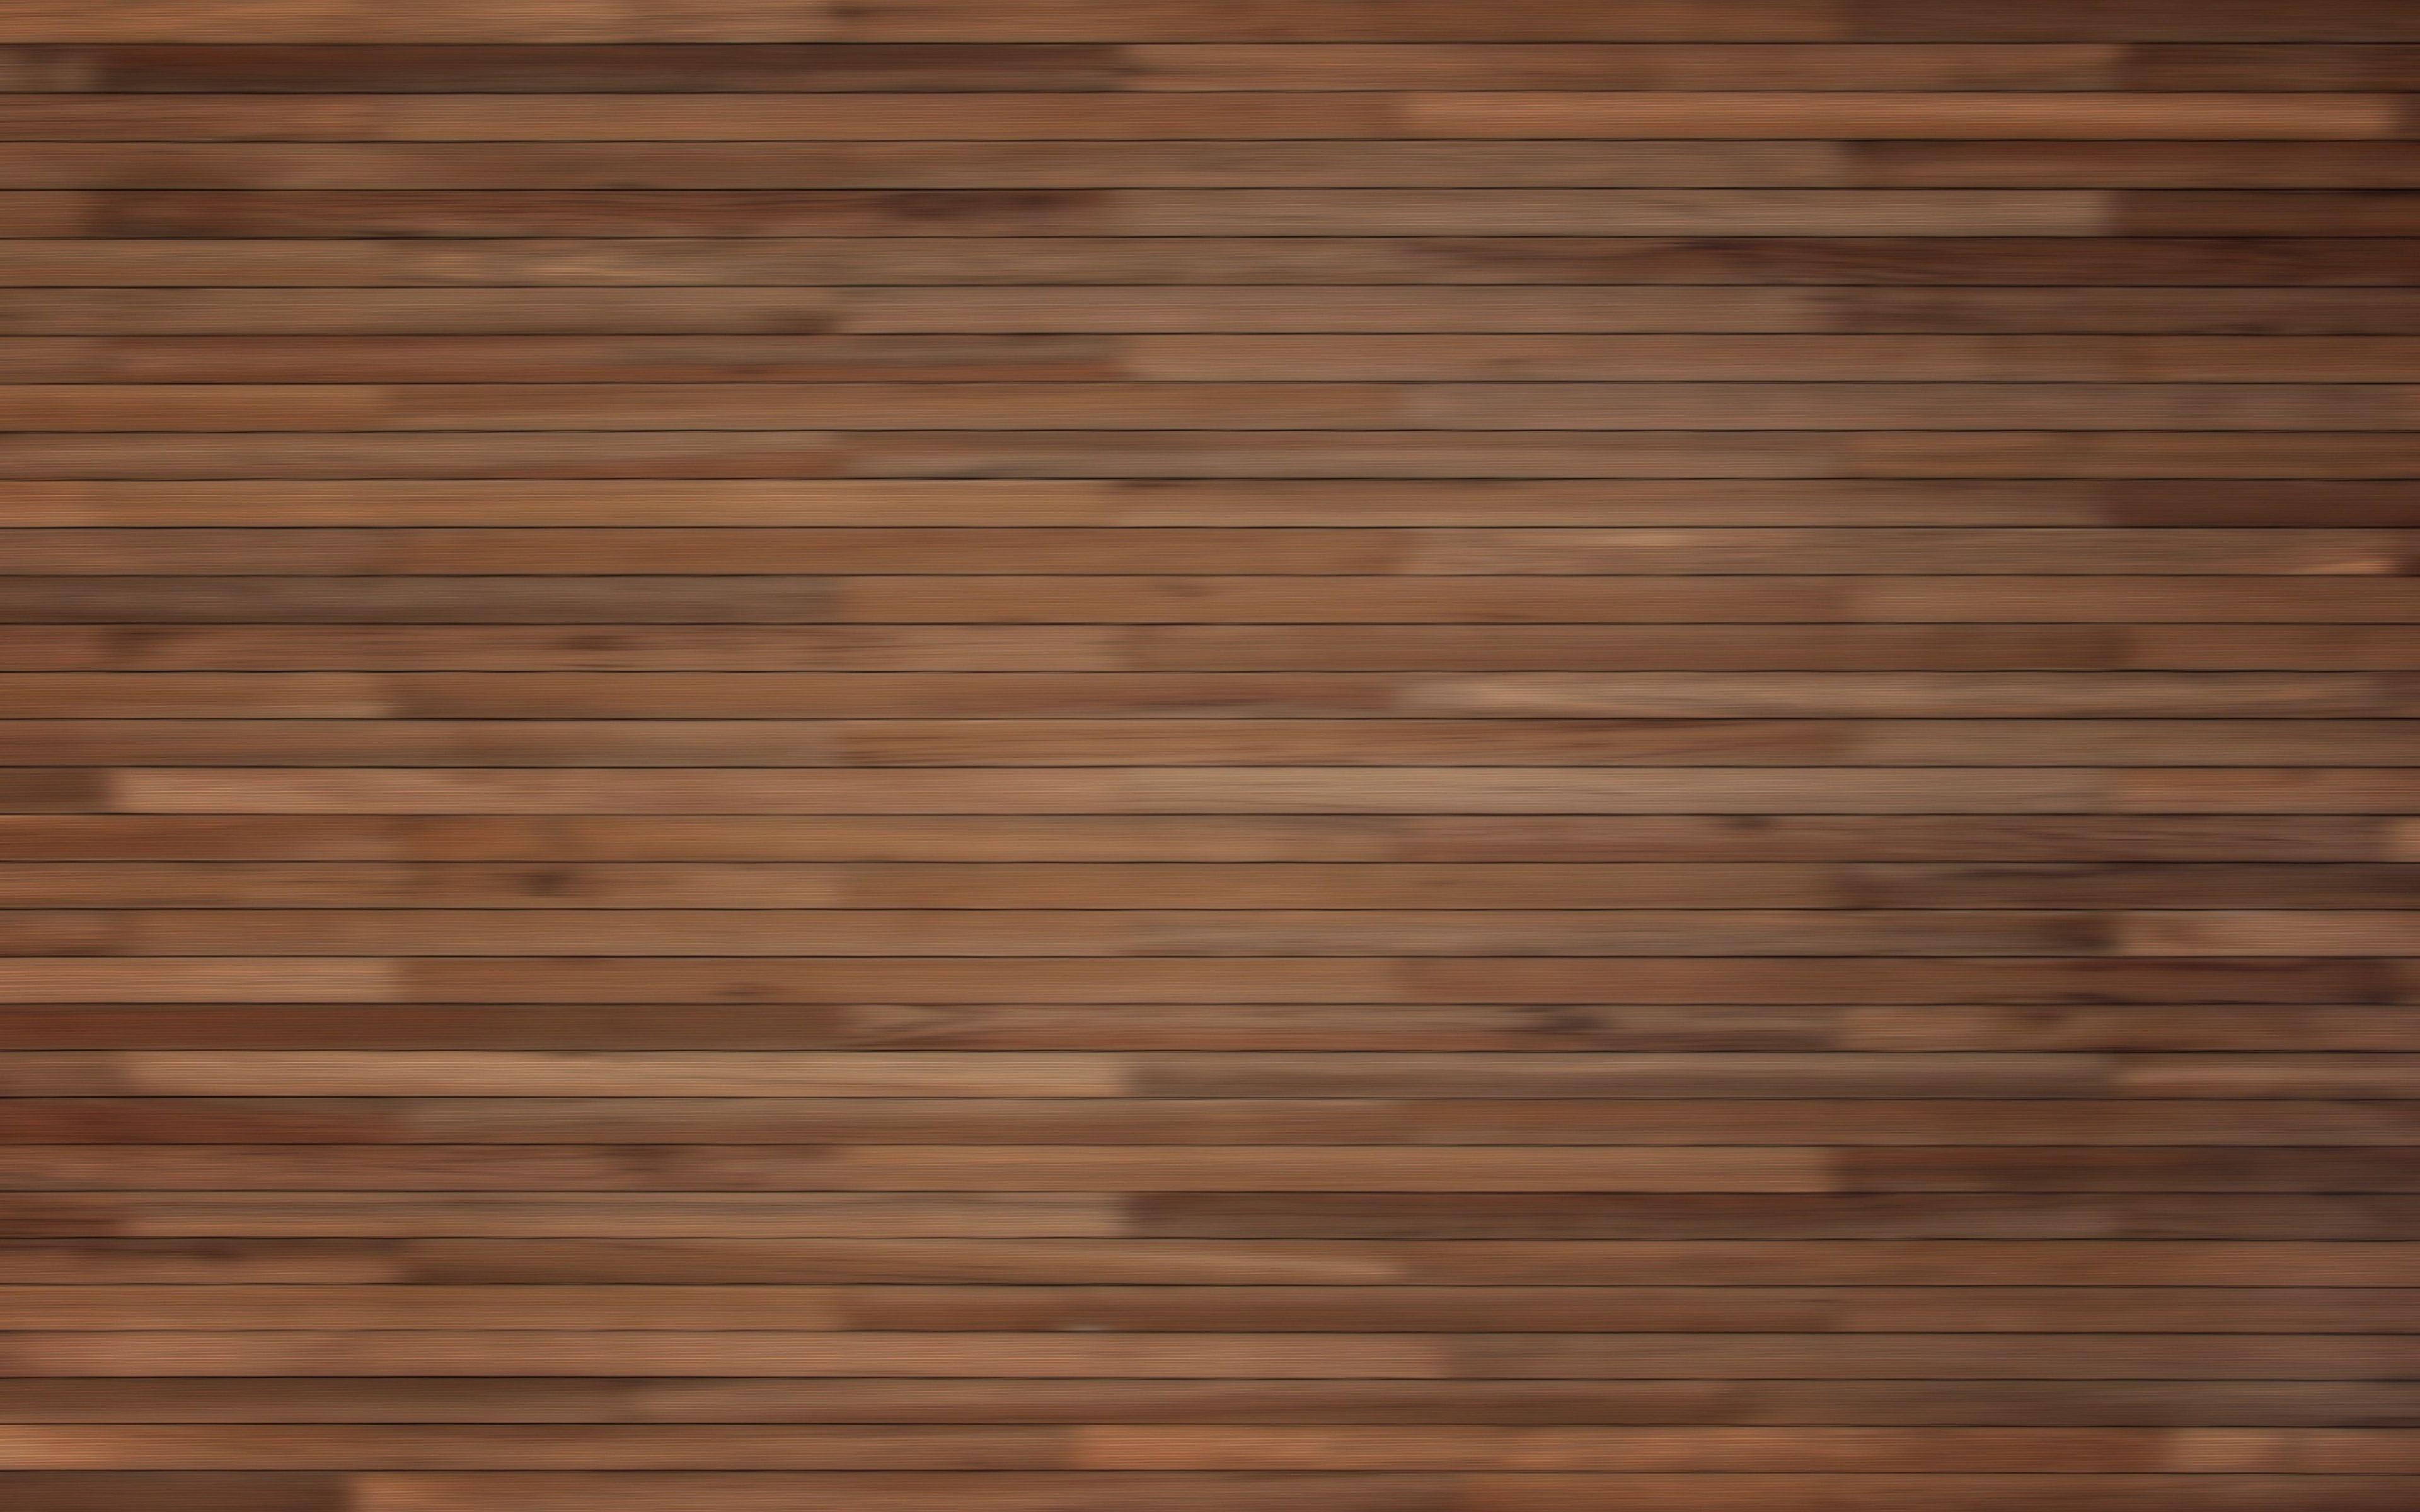 Wood wallpapers wide sdeerwallpaper hd wallpapers pinterest wood wallpapers wide sdeerwallpaper altavistaventures Image collections